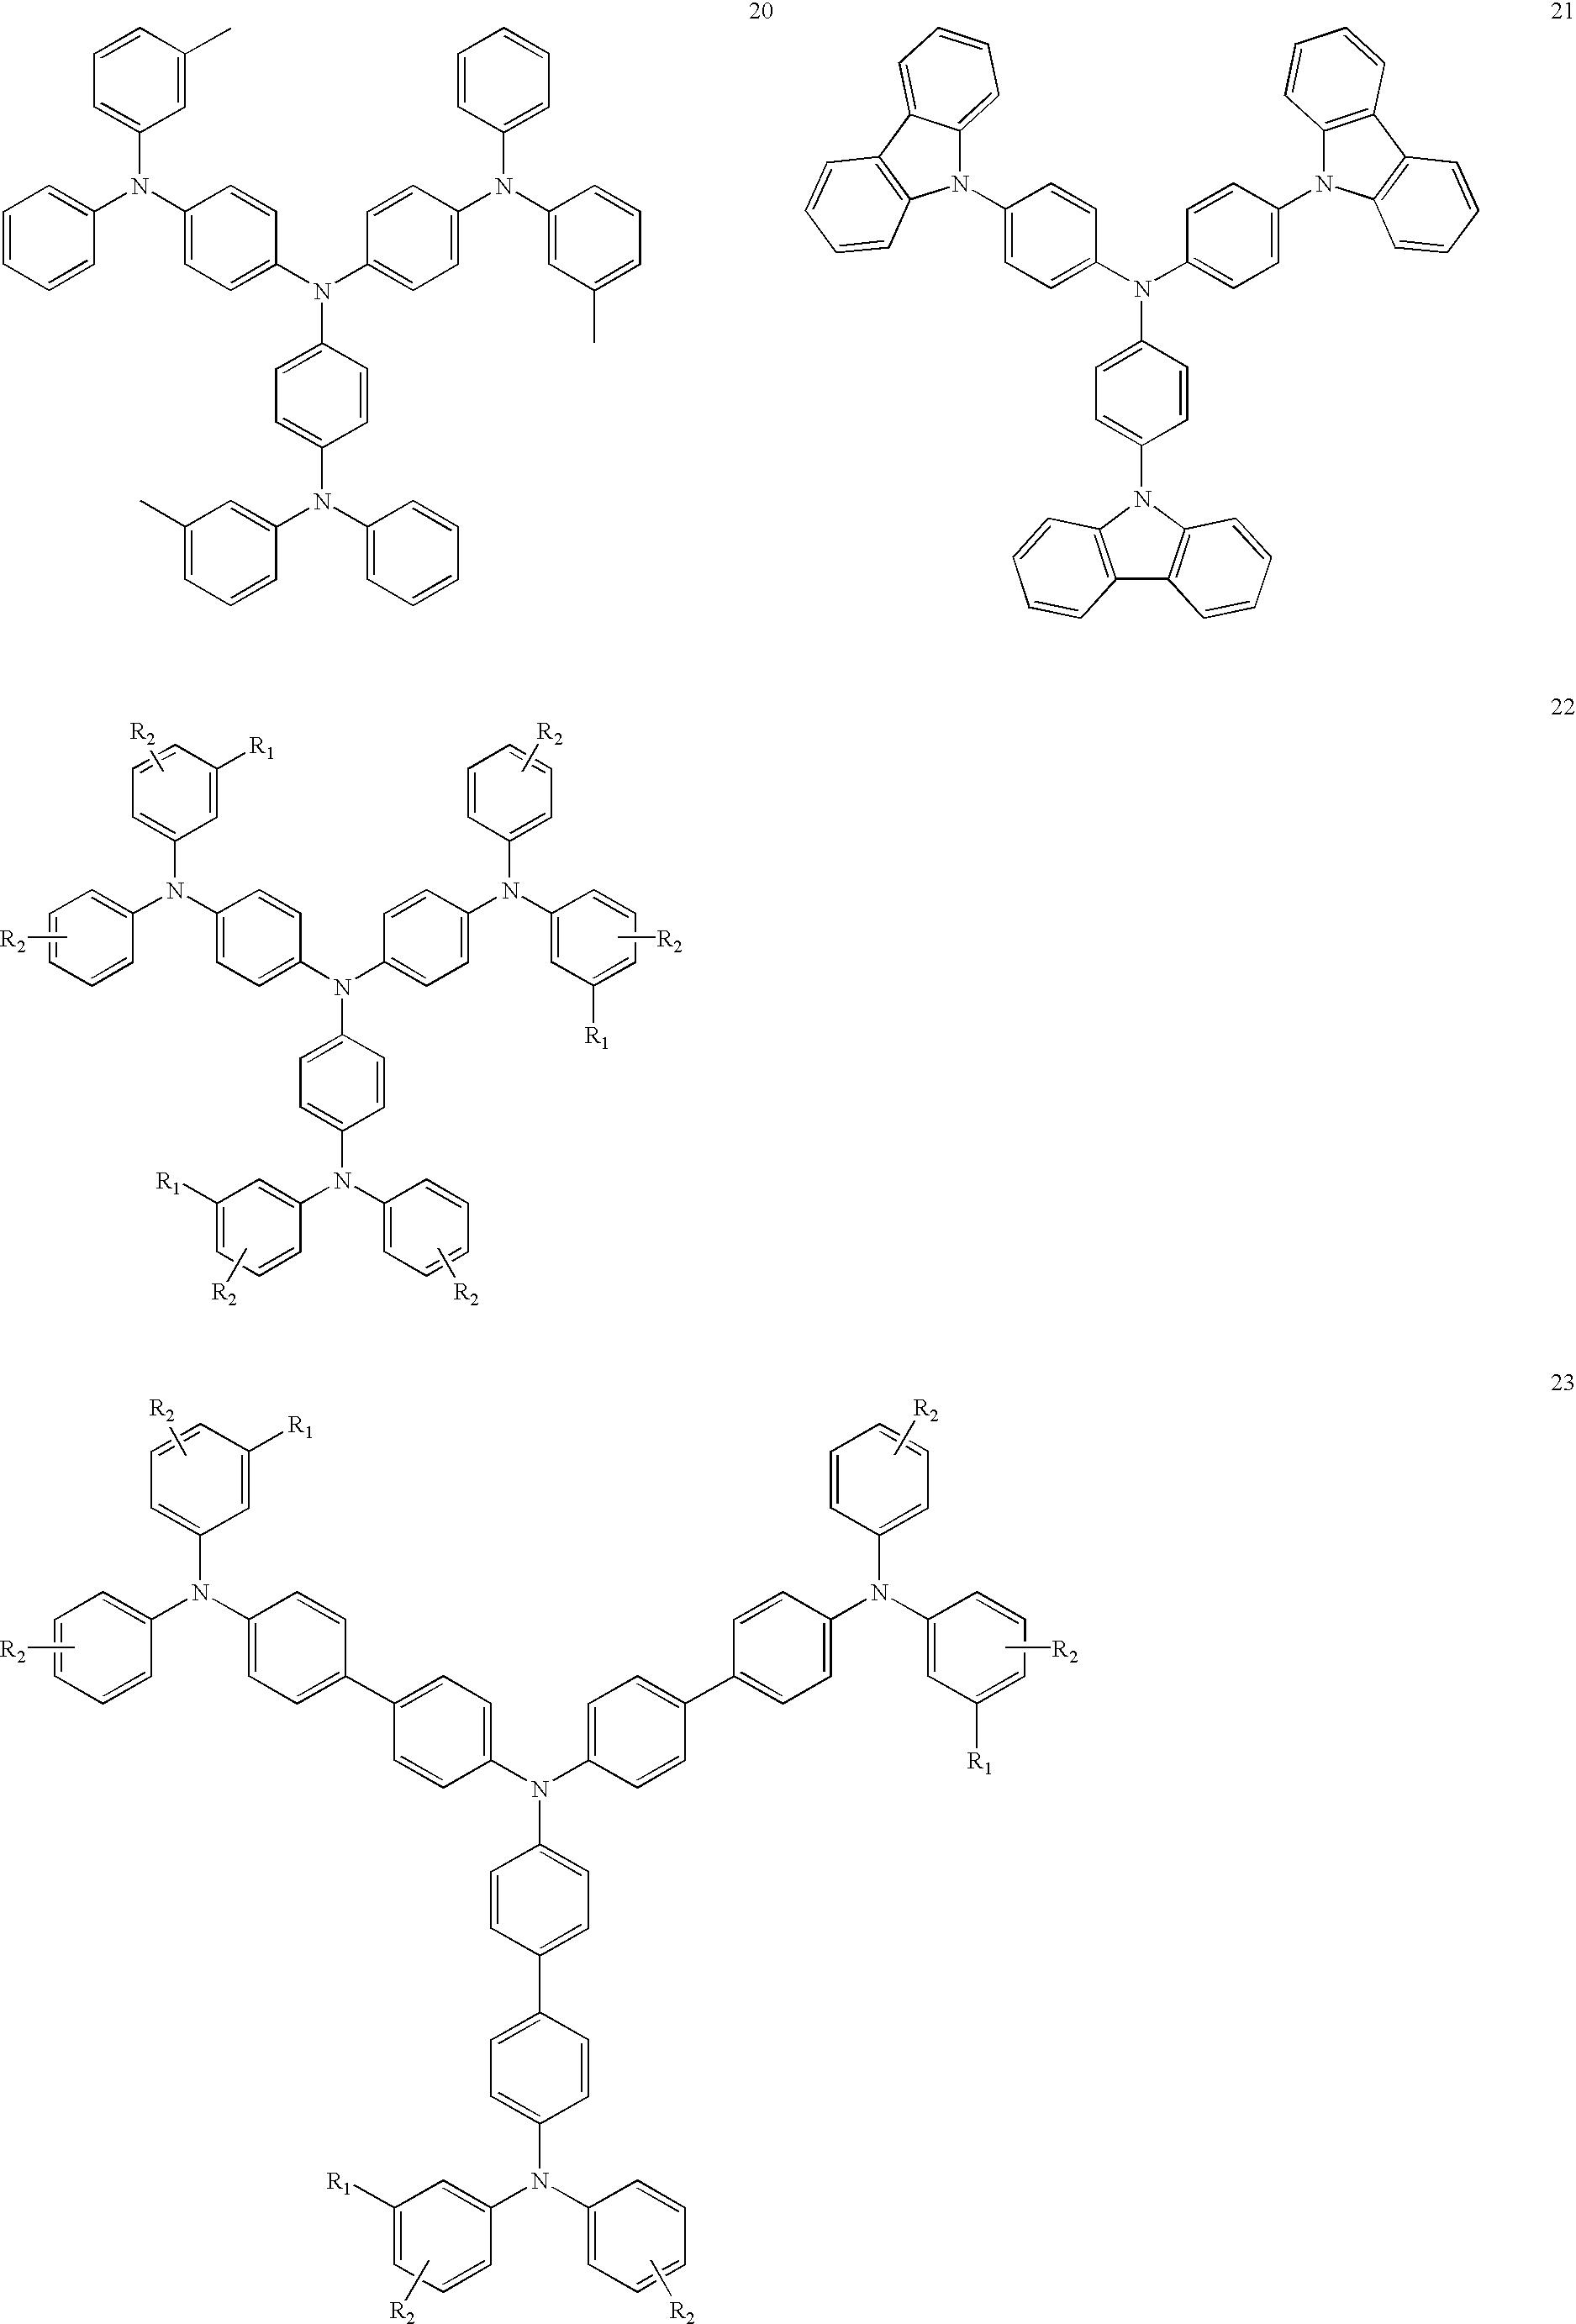 Figure US20030064248A1-20030403-C00008